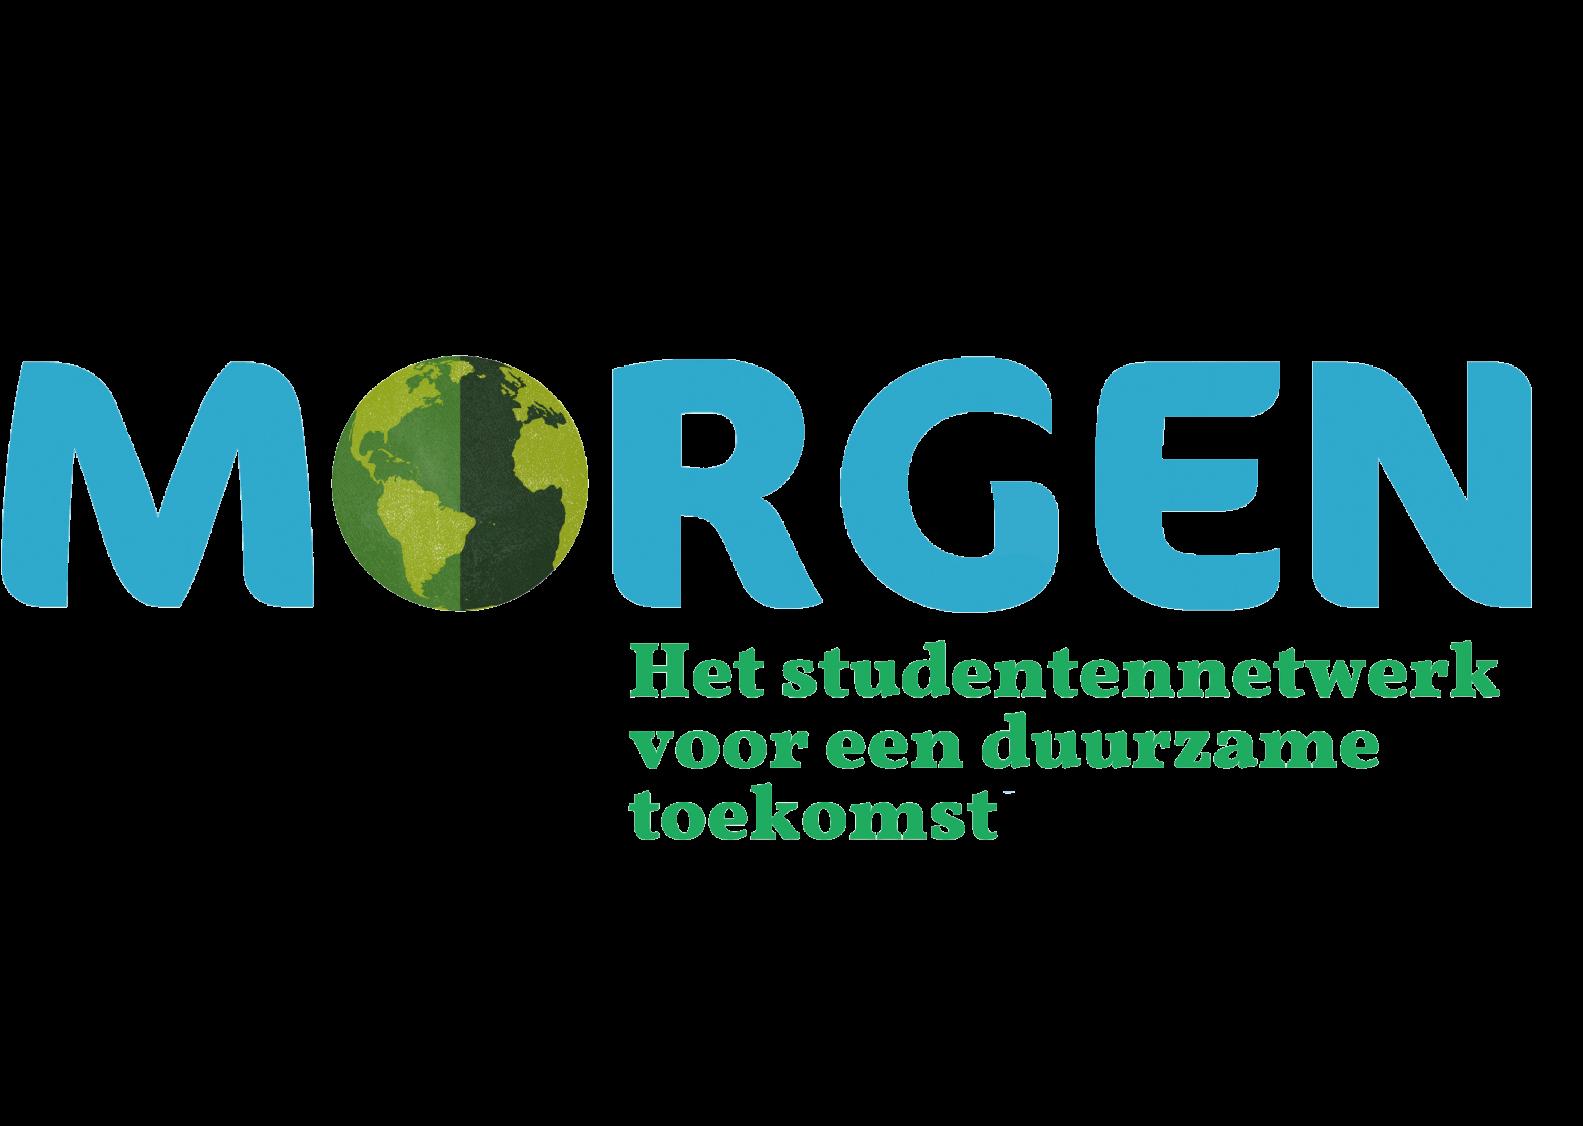 Studenten Voor Morgen, Duurzame Student, Duurzaamheid, Morgen, Logo, Onderwijs, Hoger Onderwijs, Sustainabul